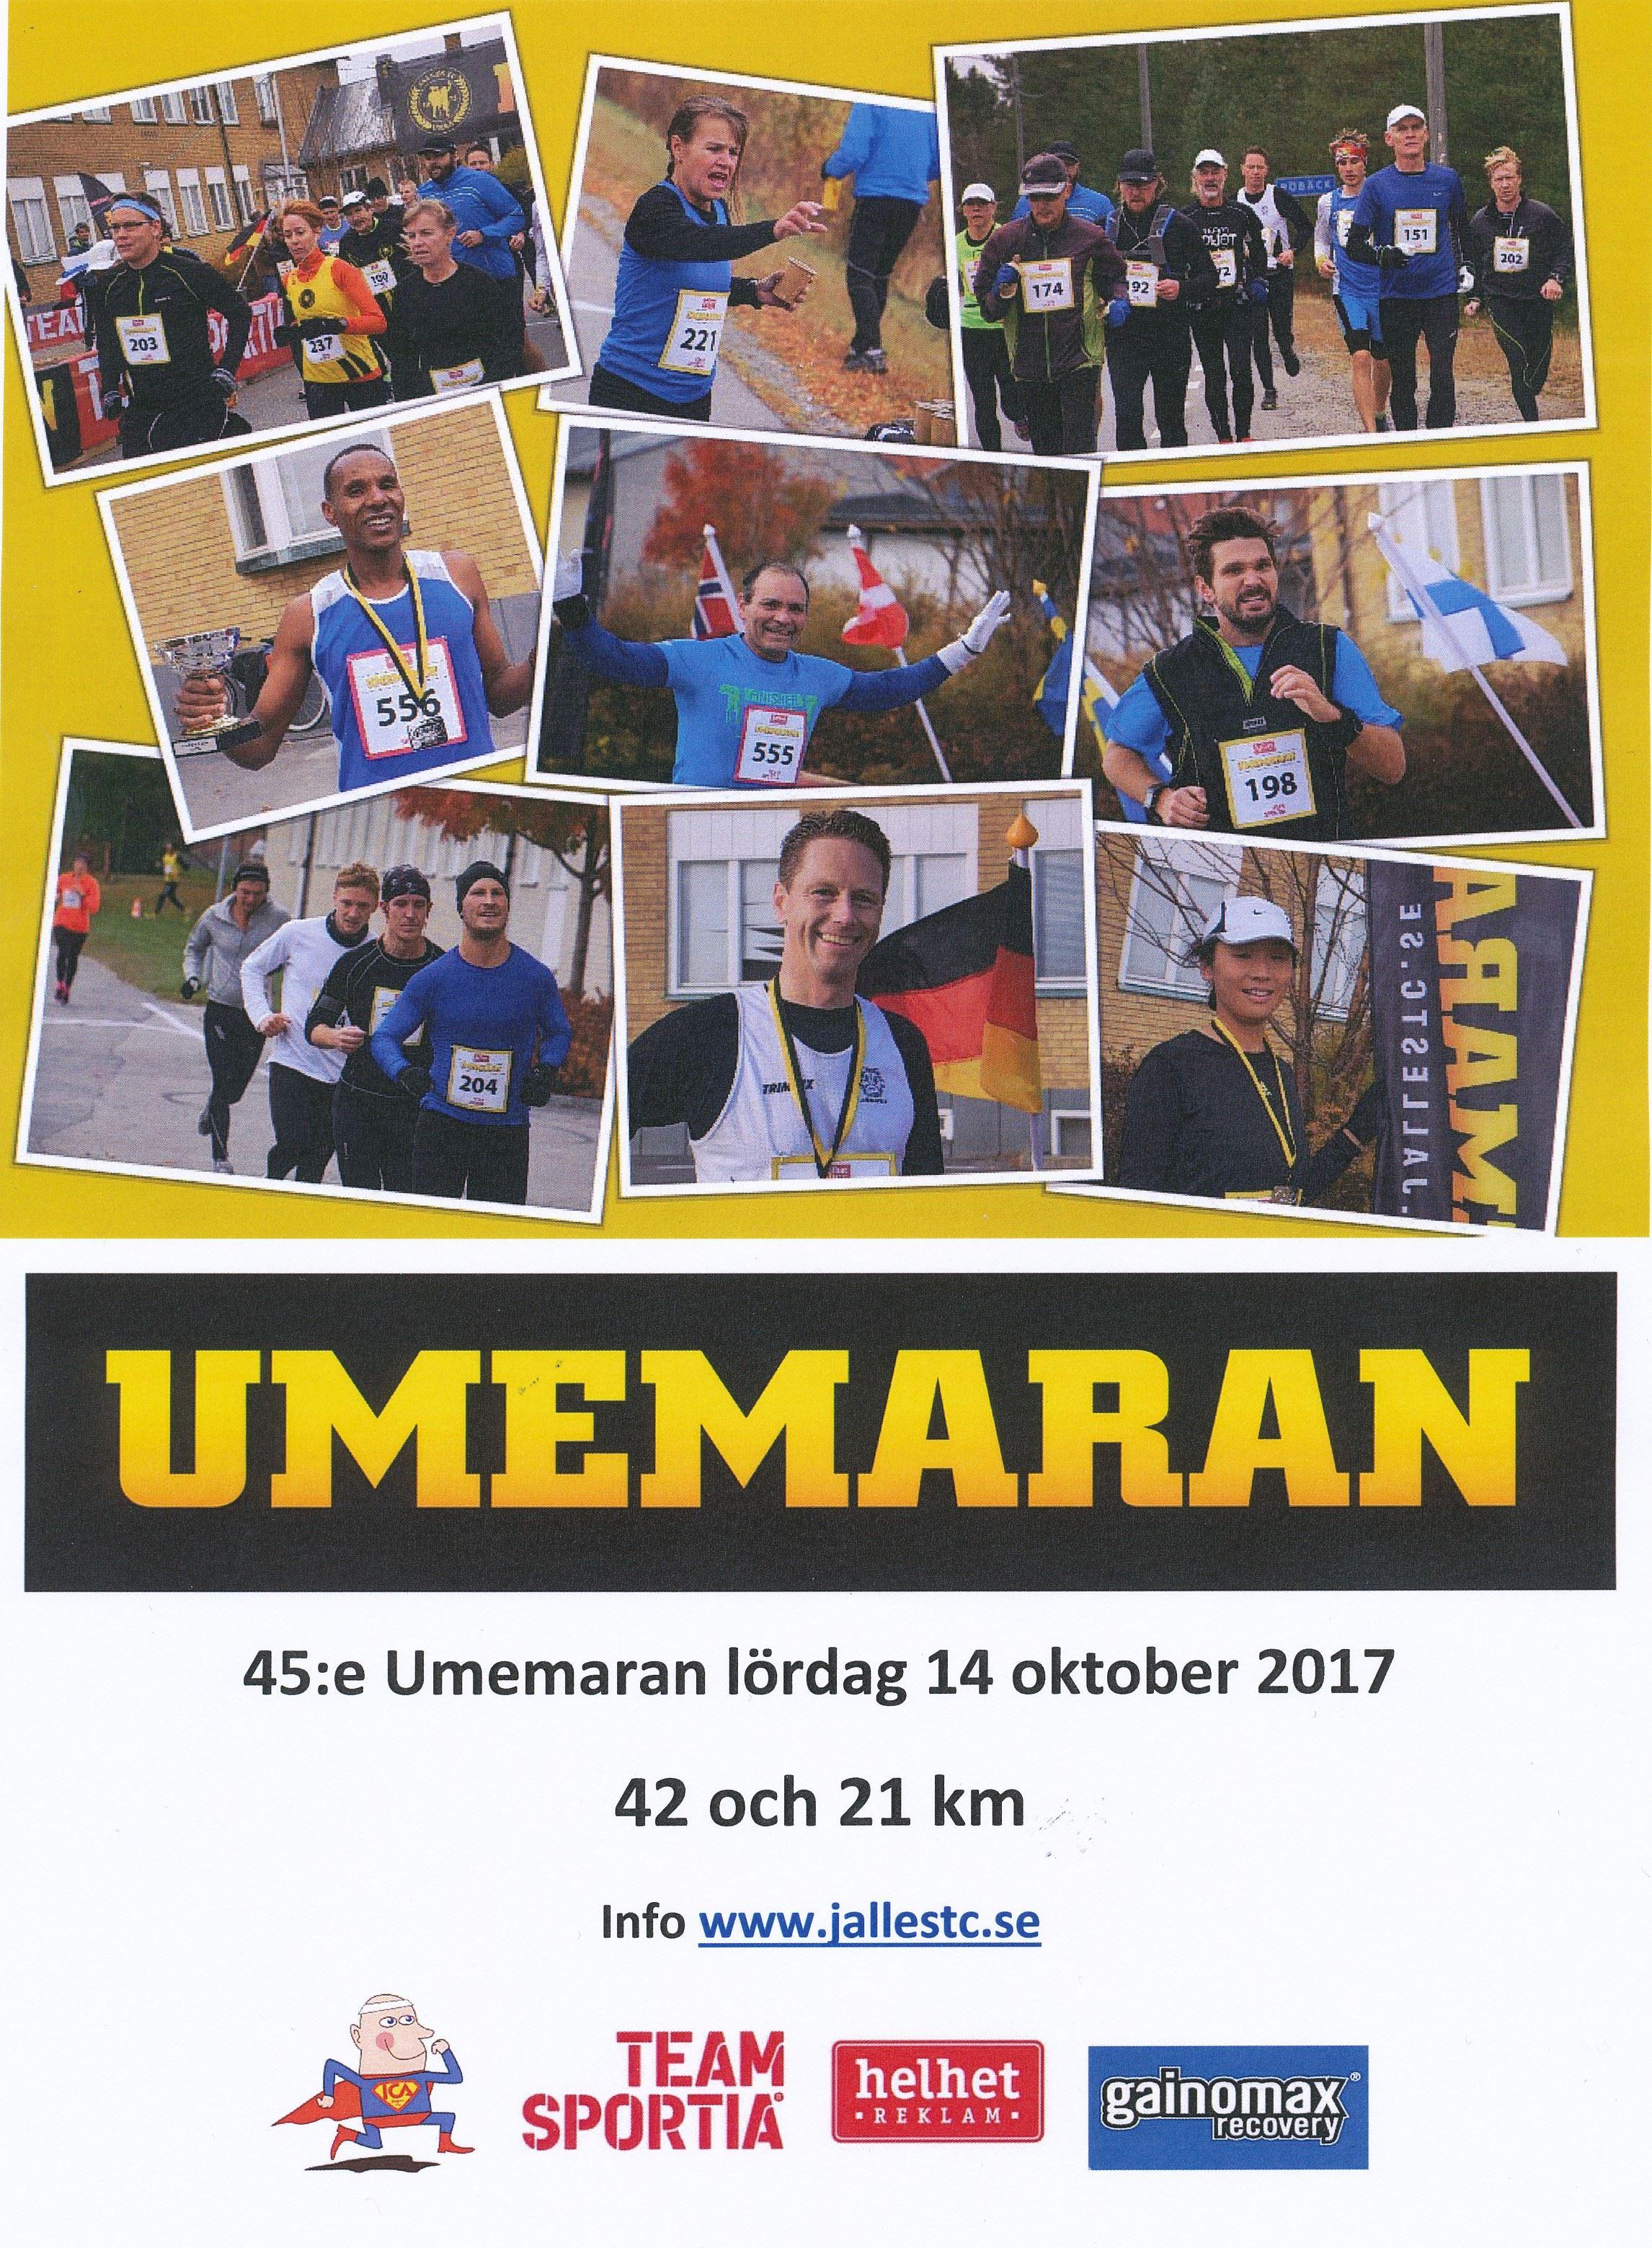 45:e Umemaran